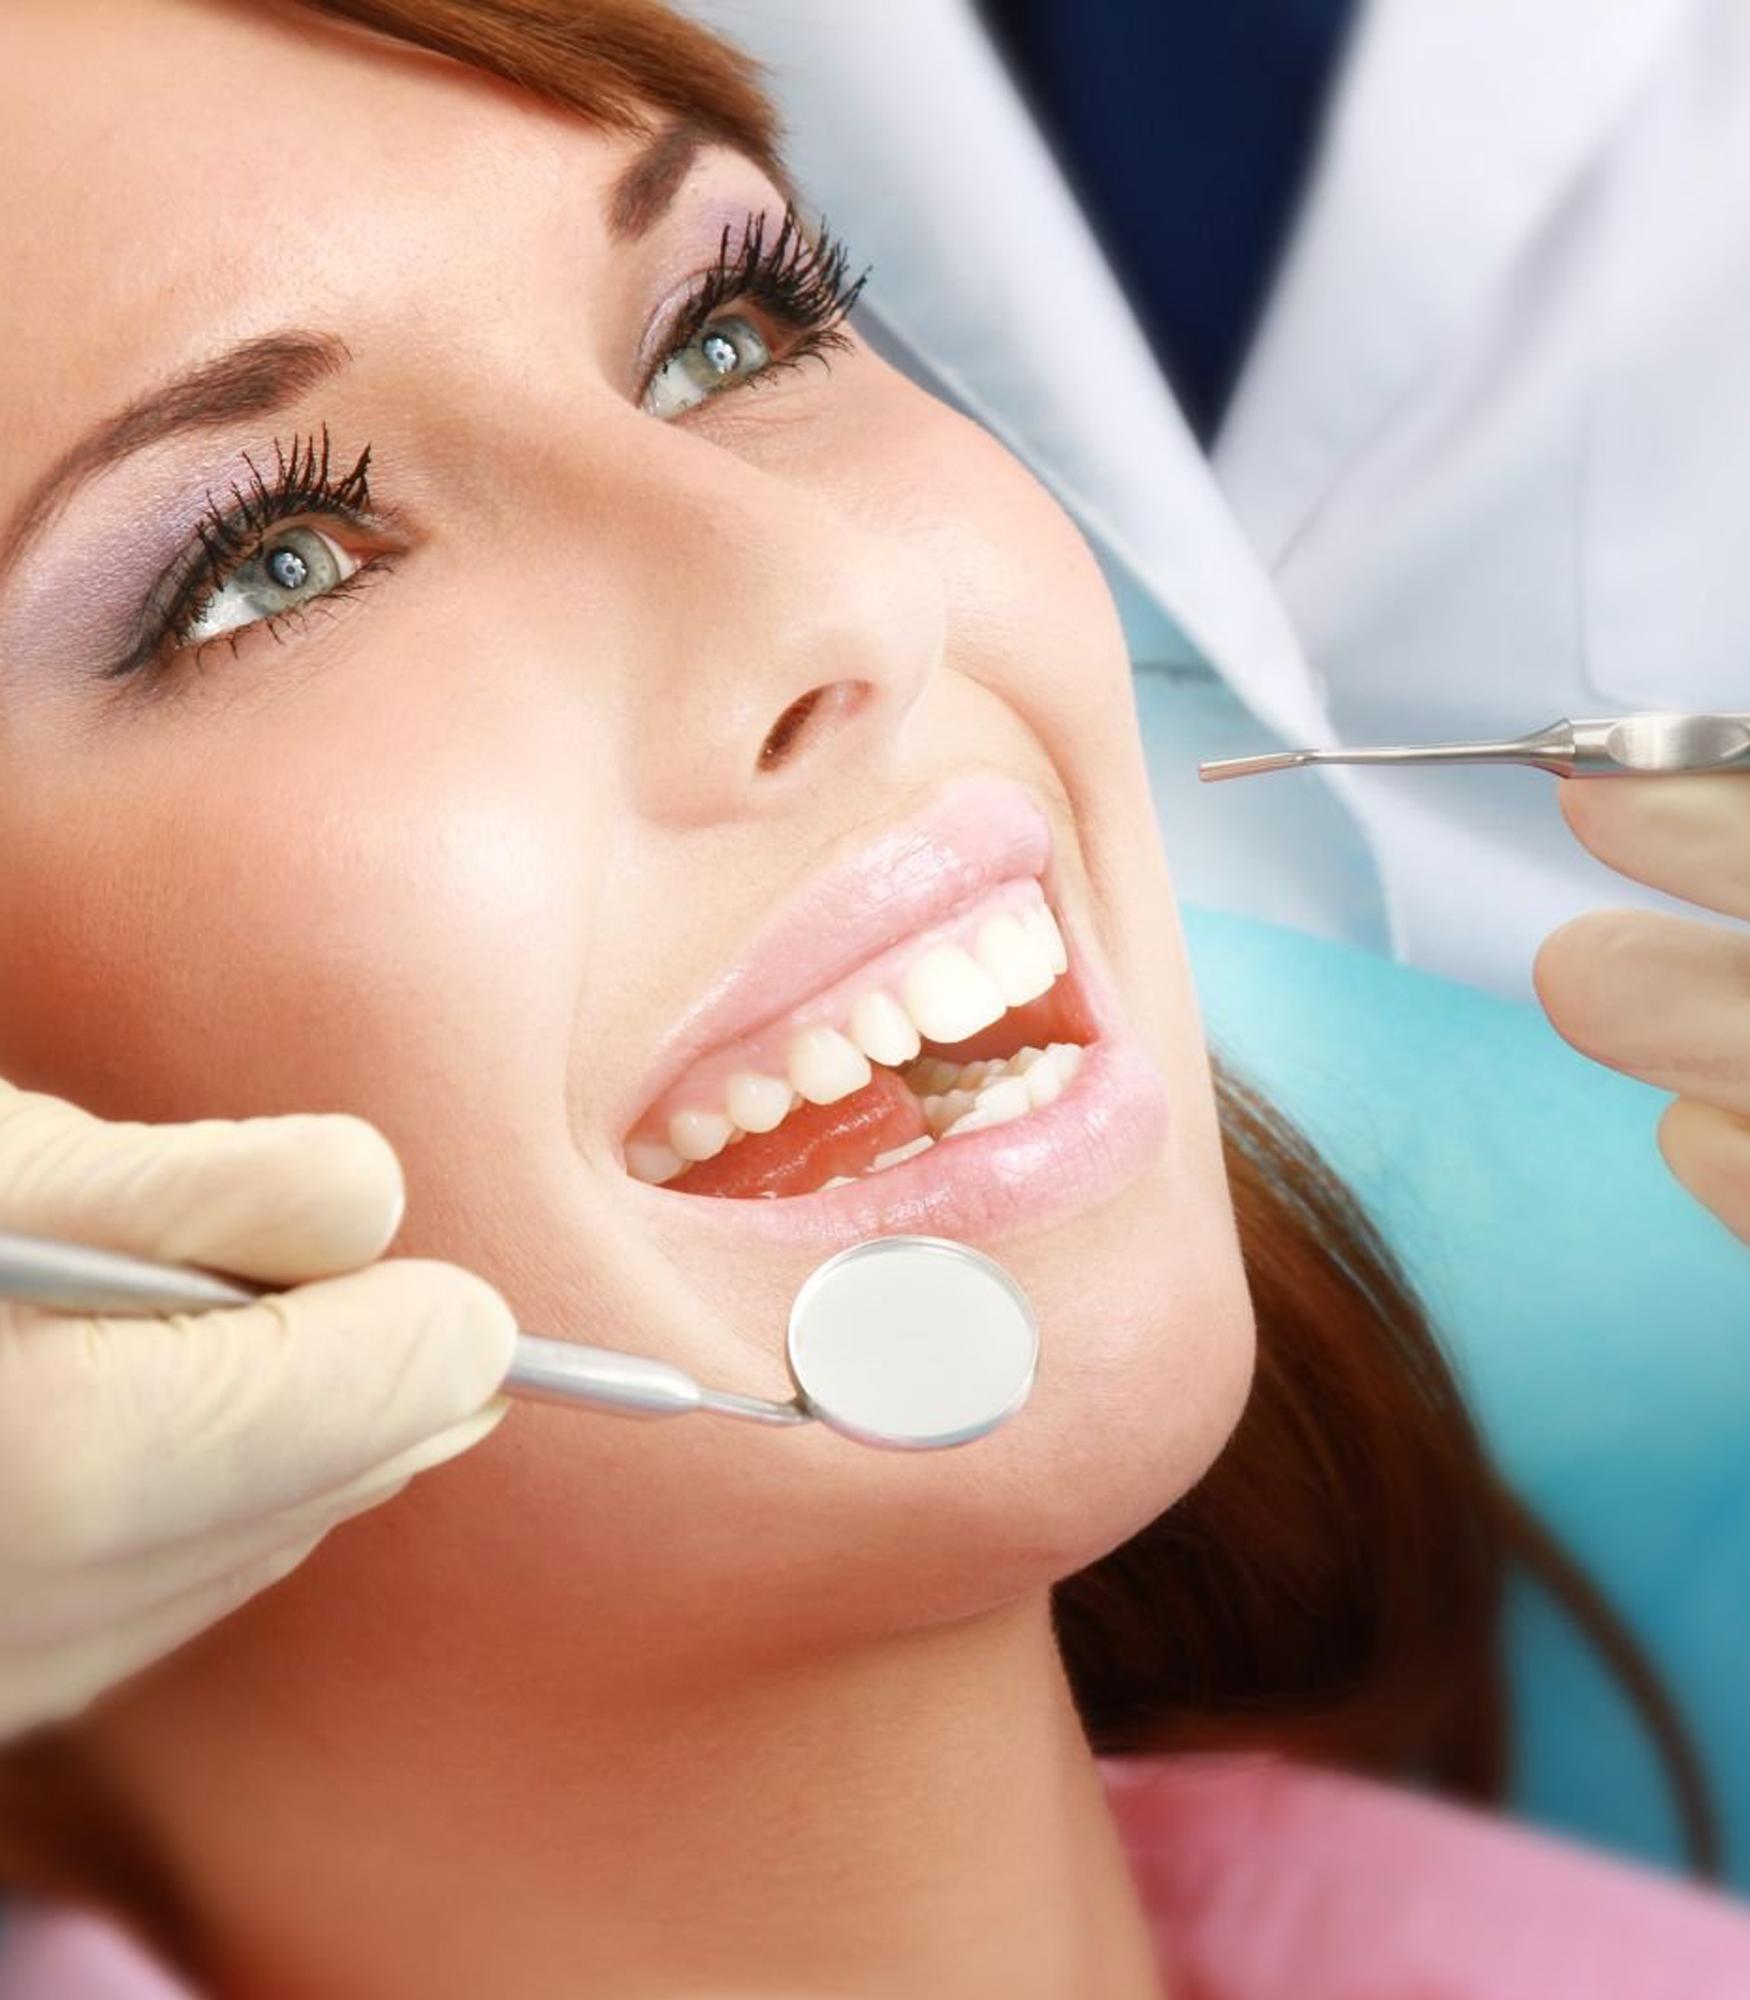 oral cancer screening teeth grinding